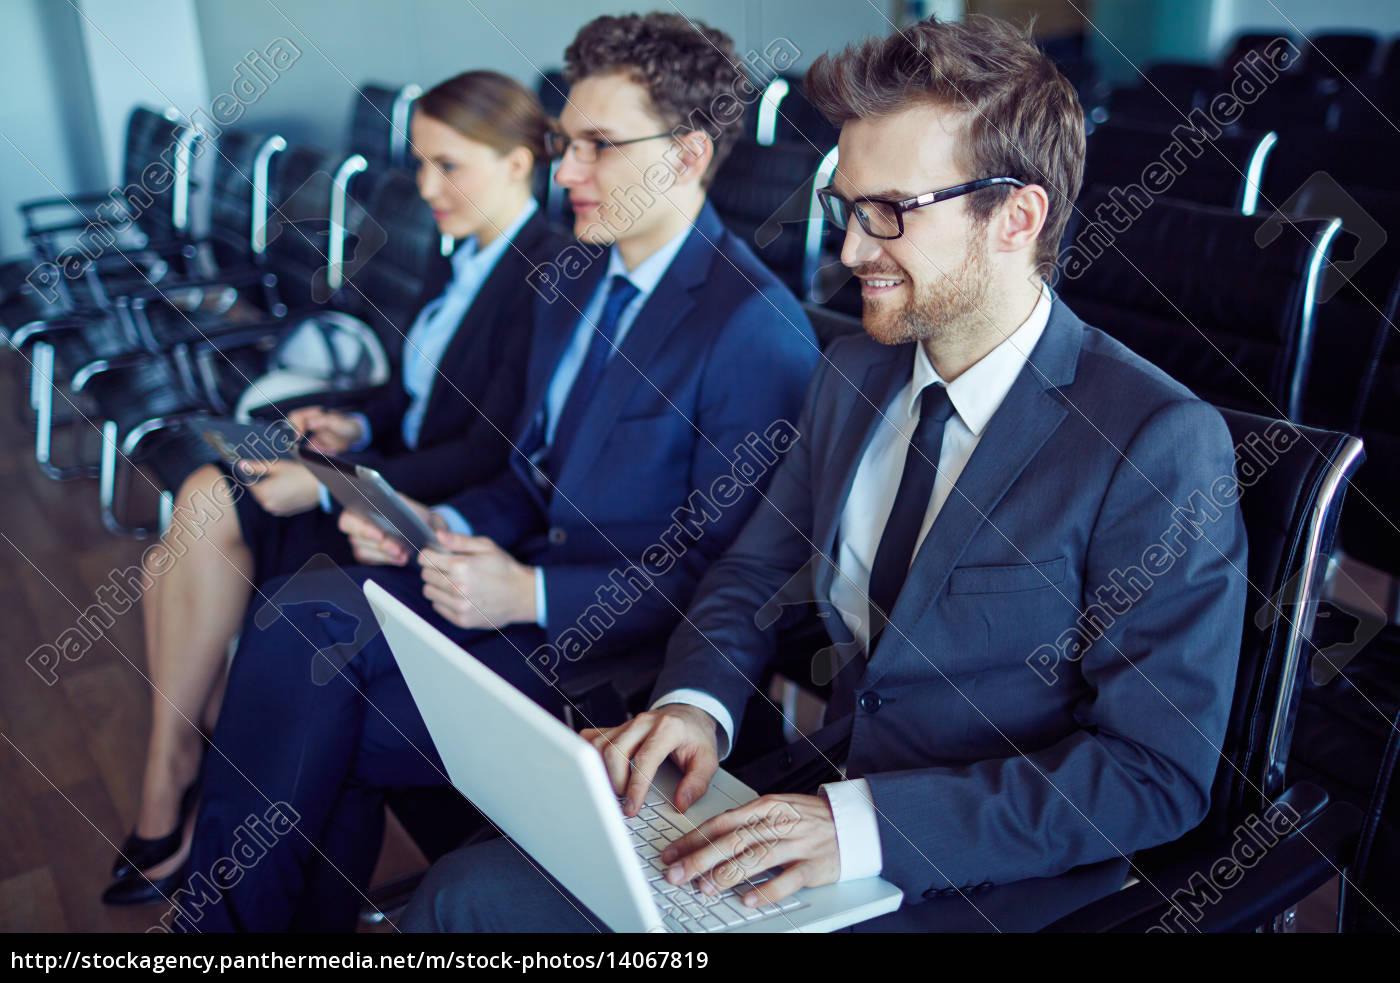 sitting, at, seminar - 14067819